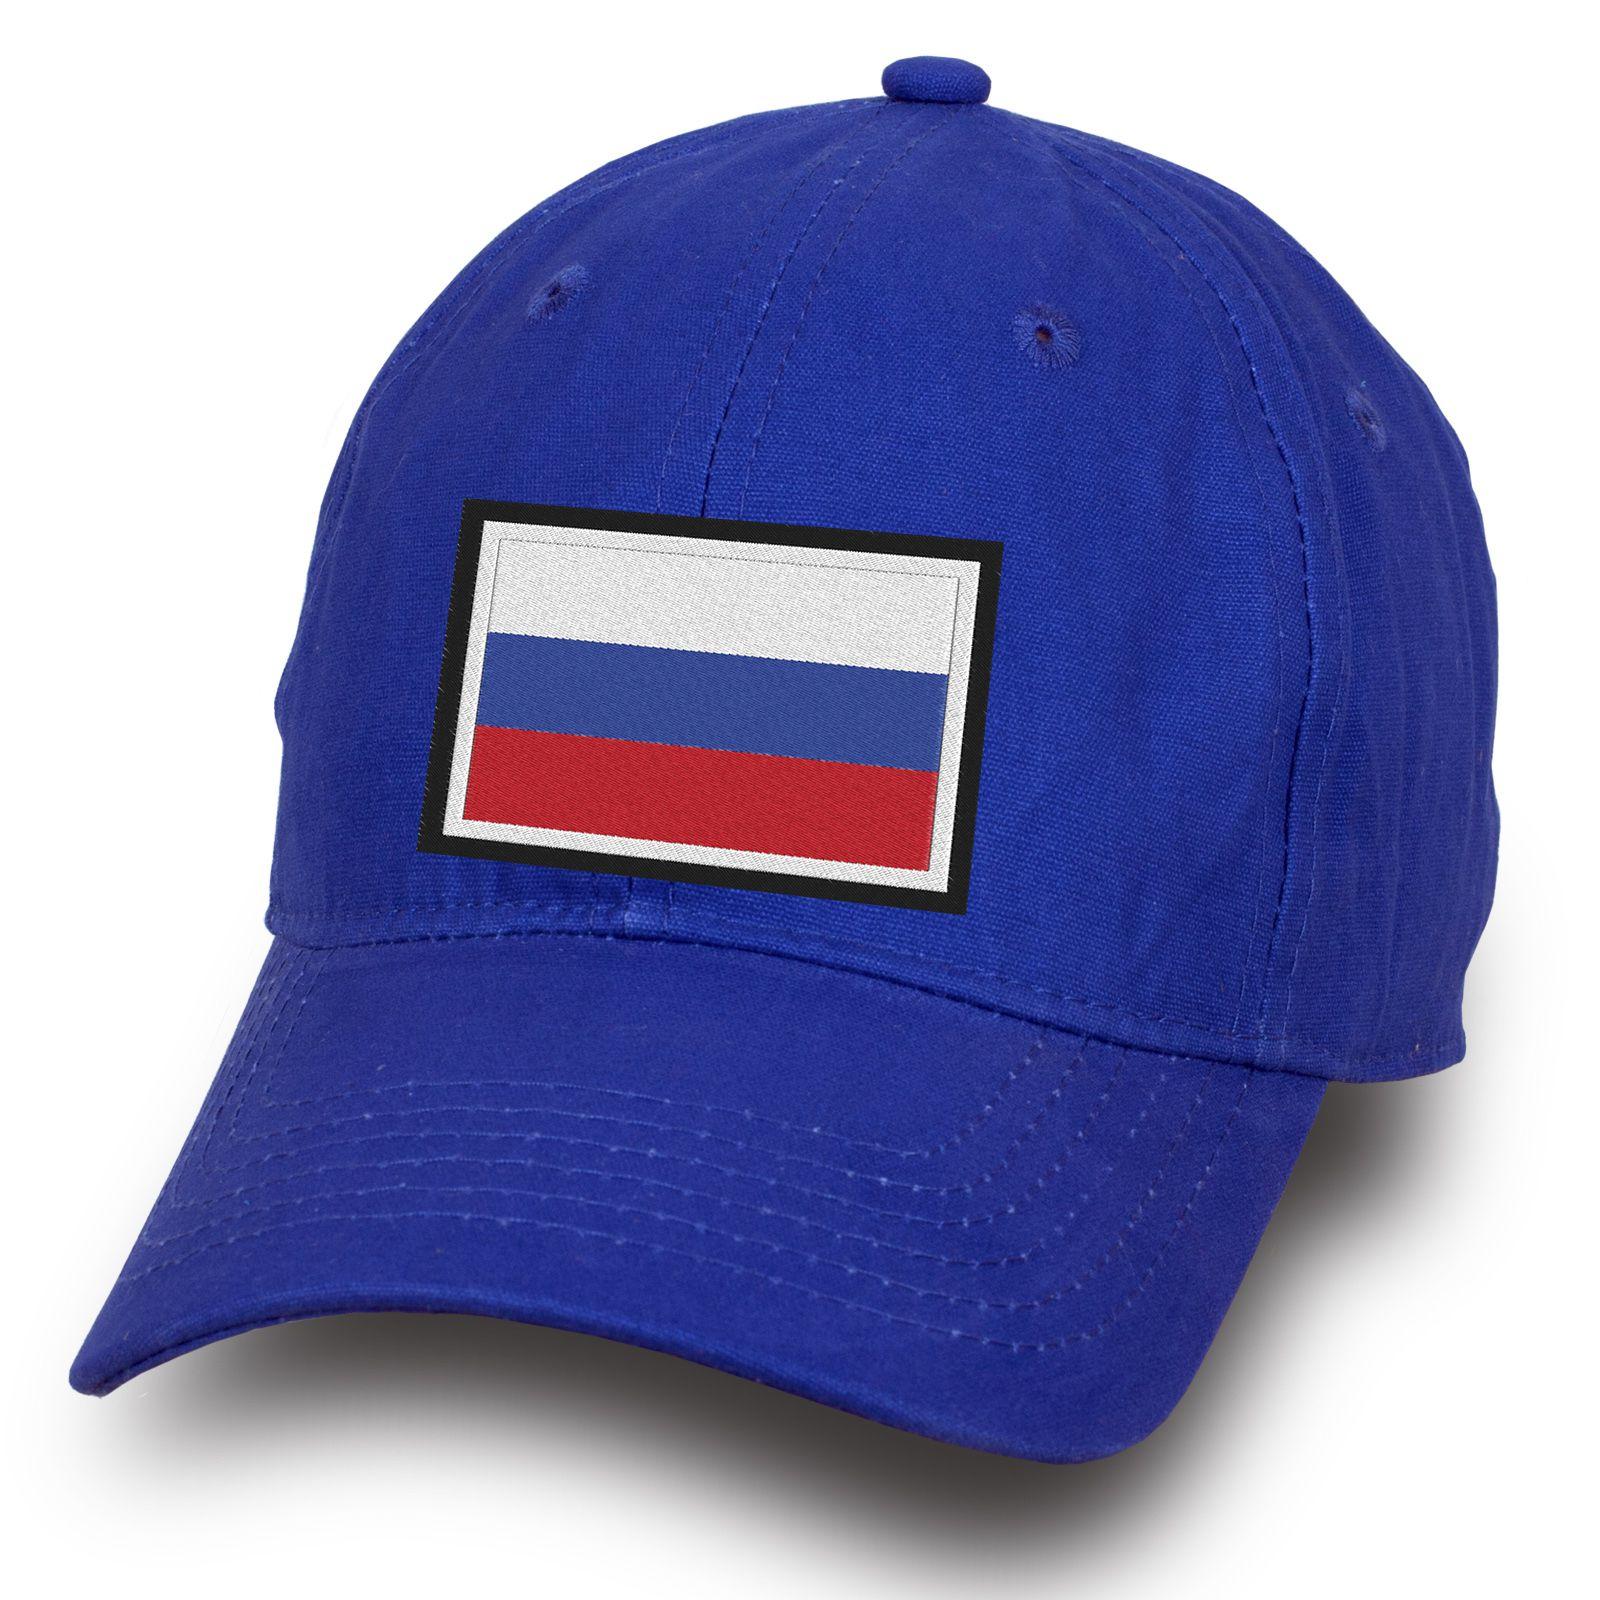 Бейсболка патриота России - купить онлайн с доставкой